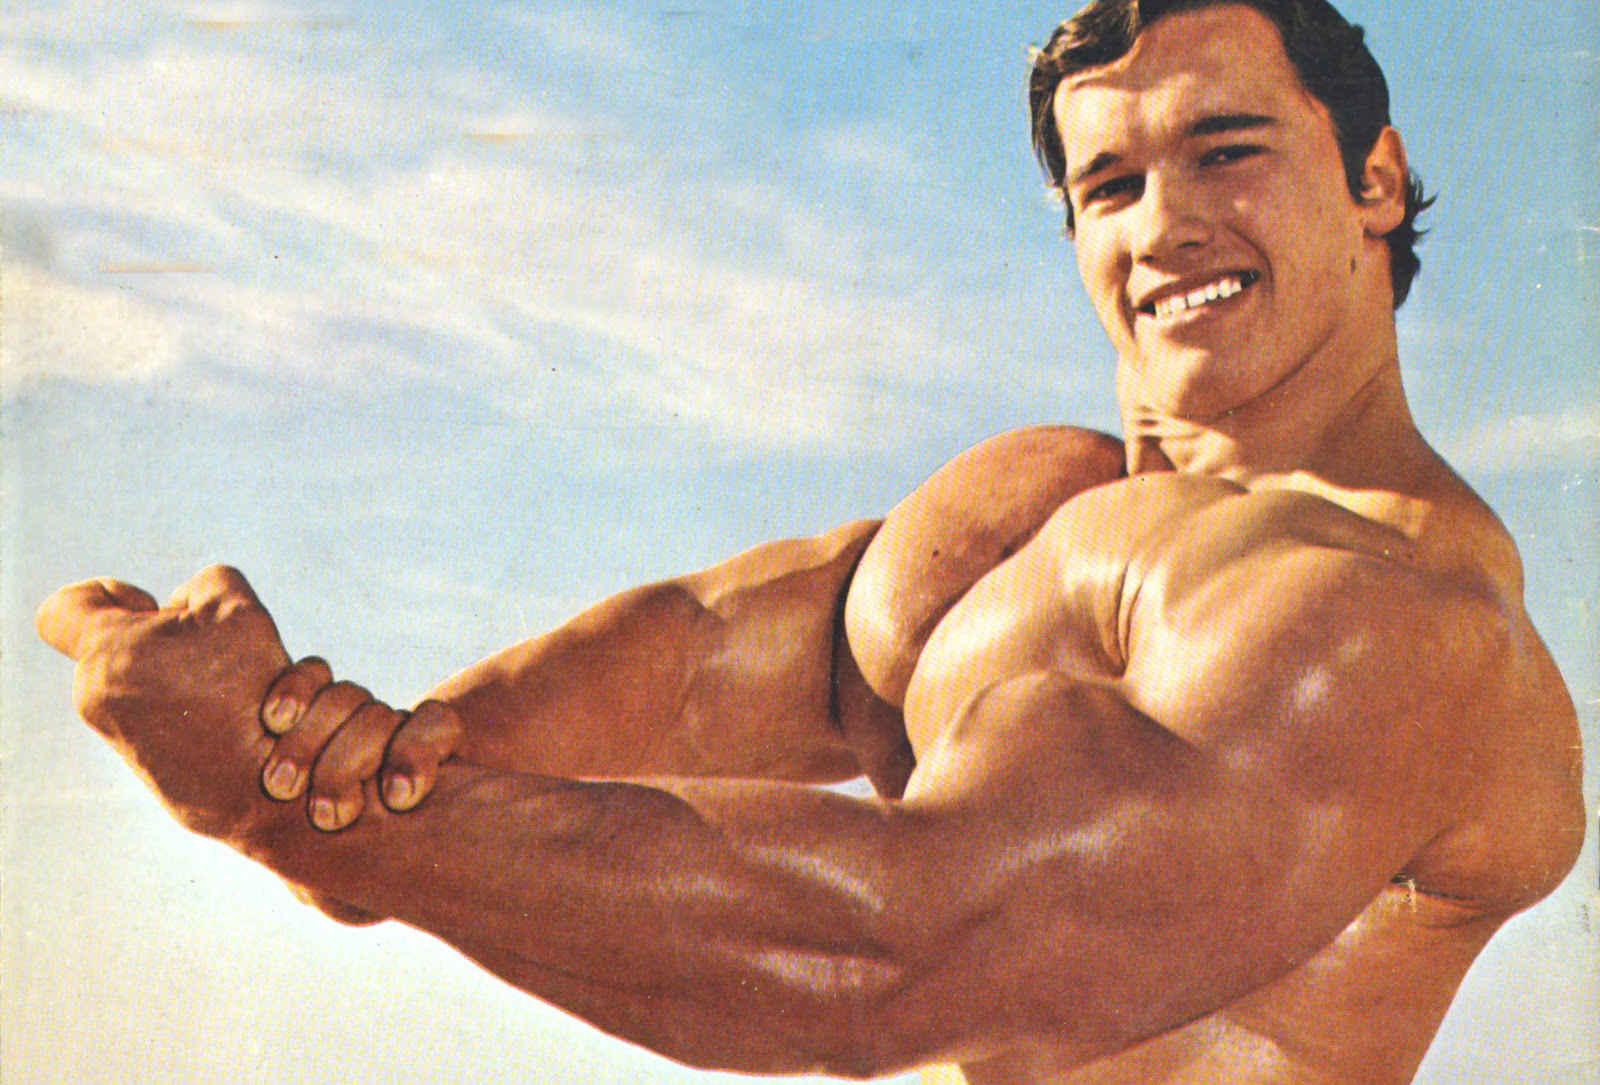 Арнолд Шварценегер е многократен шампион на бодибилдинг състезанието Мисър Олимпия.